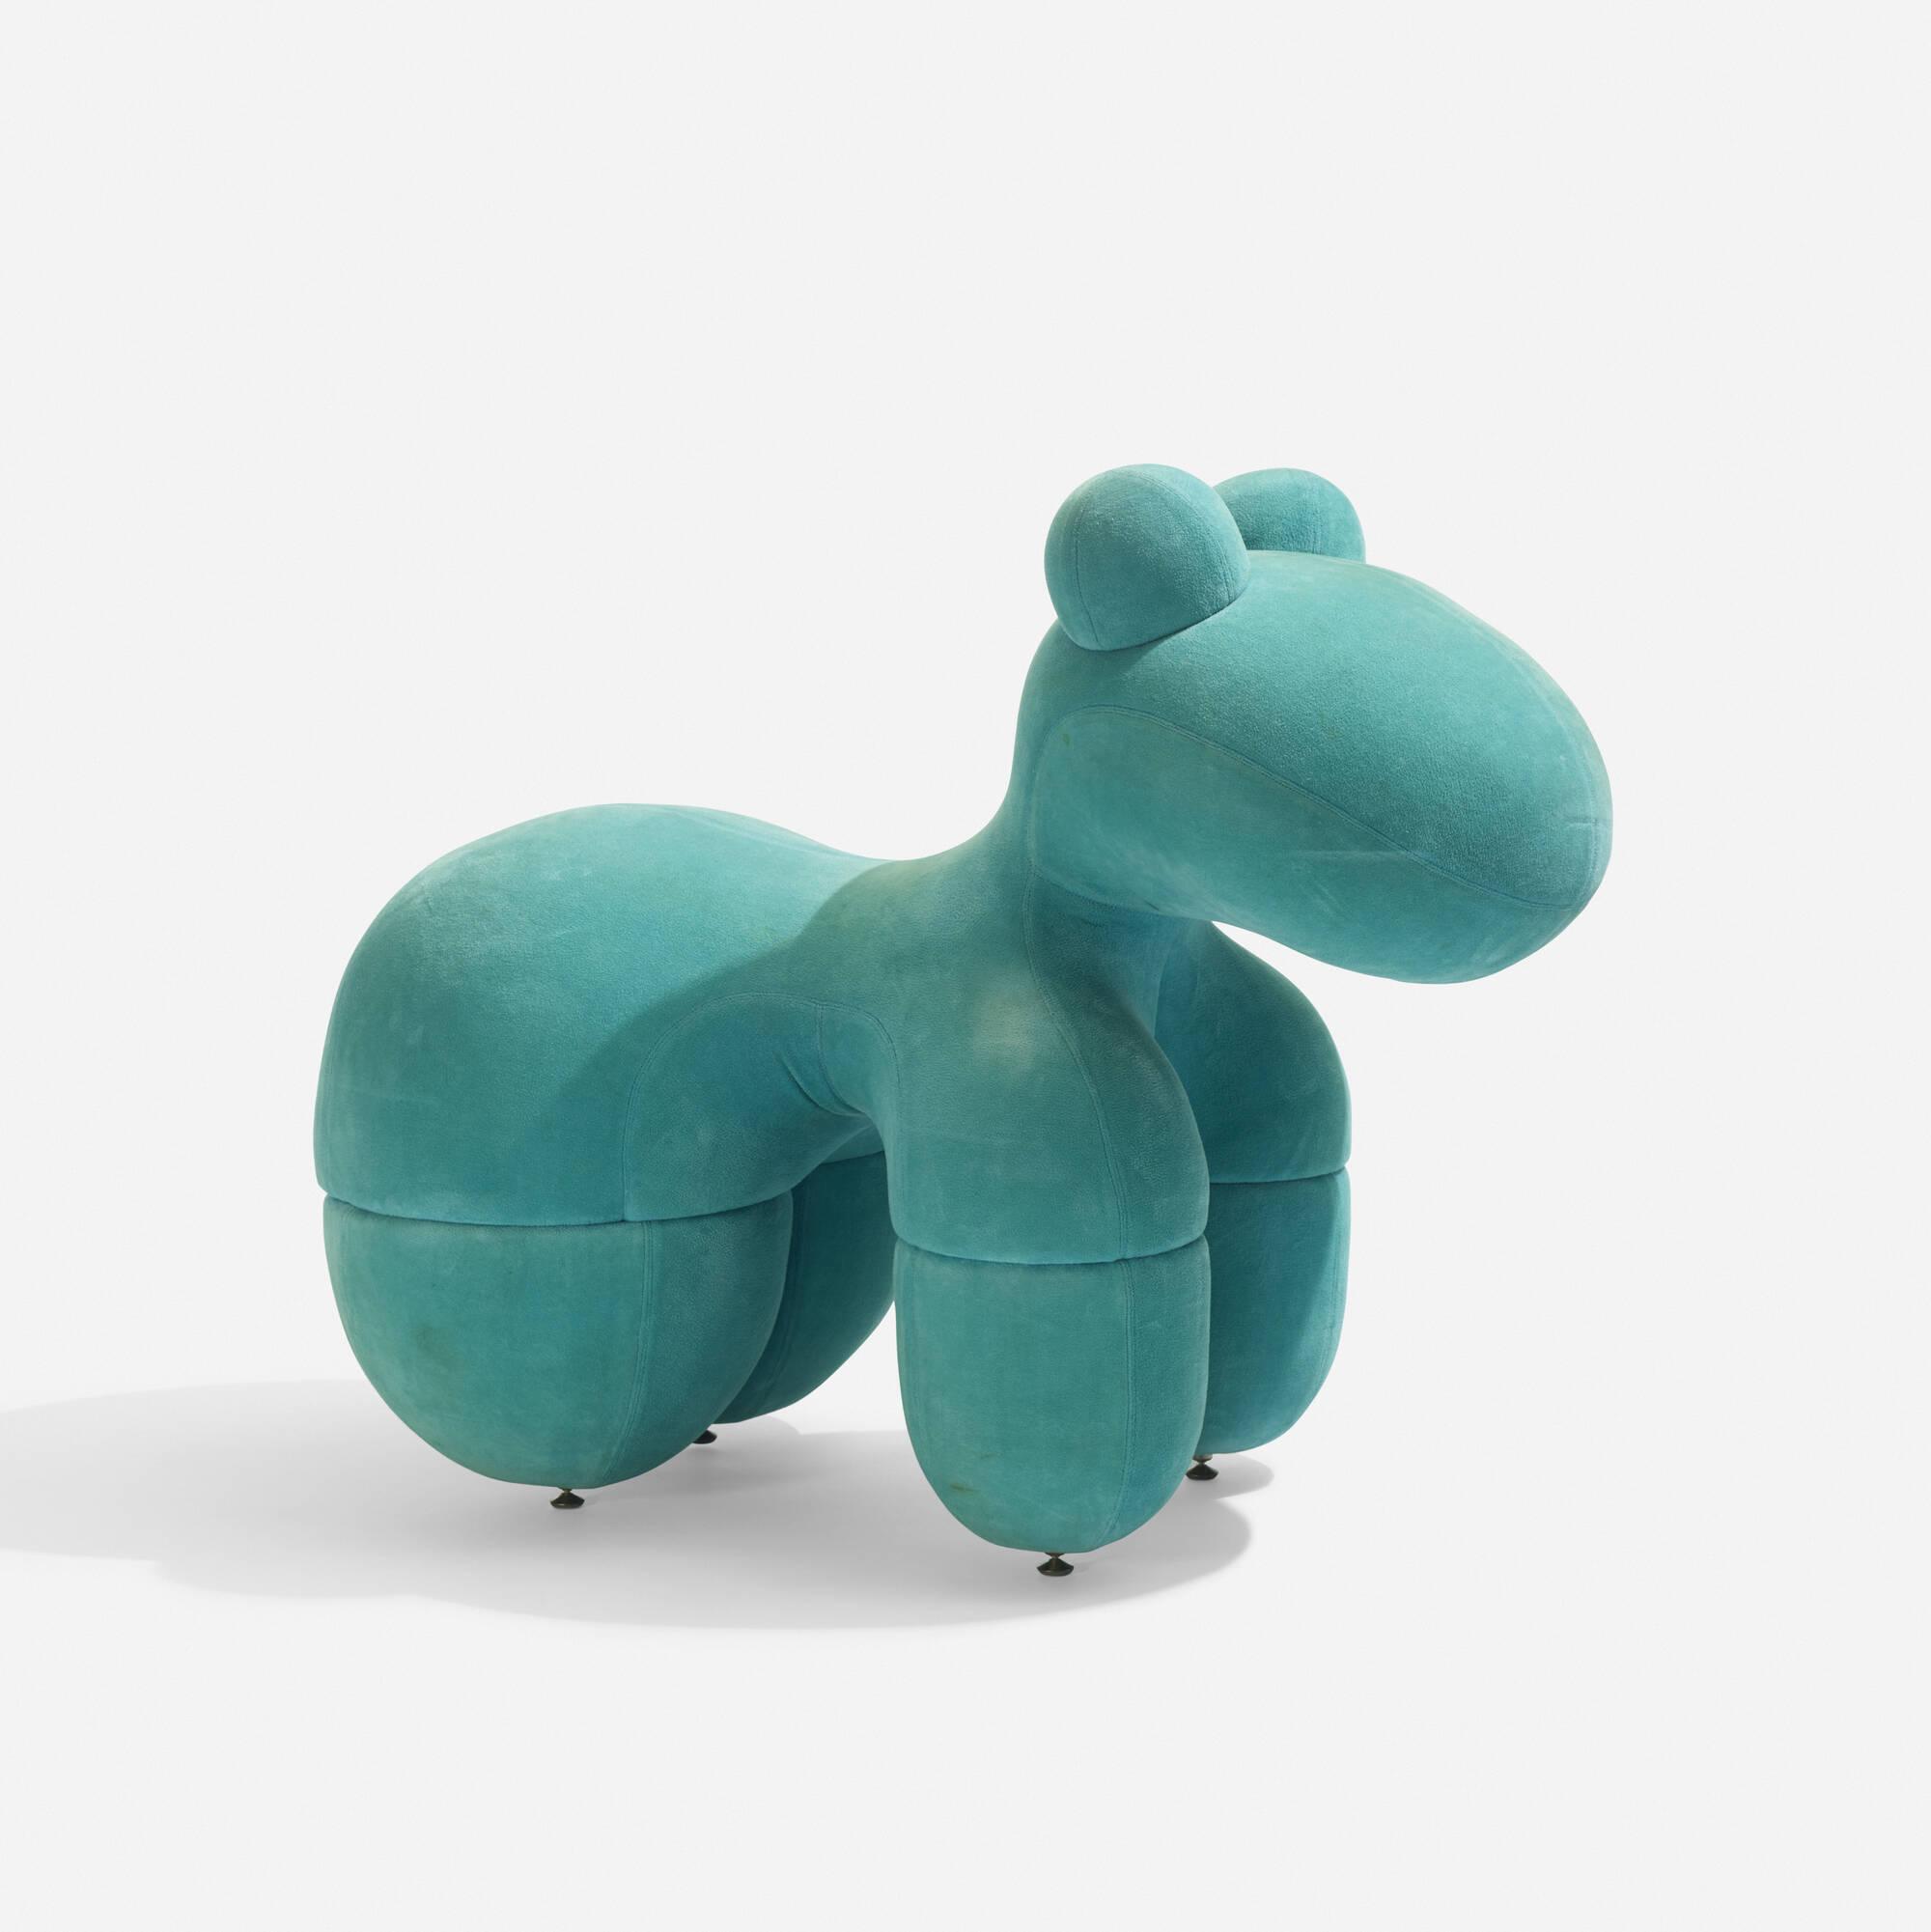 335: Eero Aarnio / Pony Chair (1 Of 1)